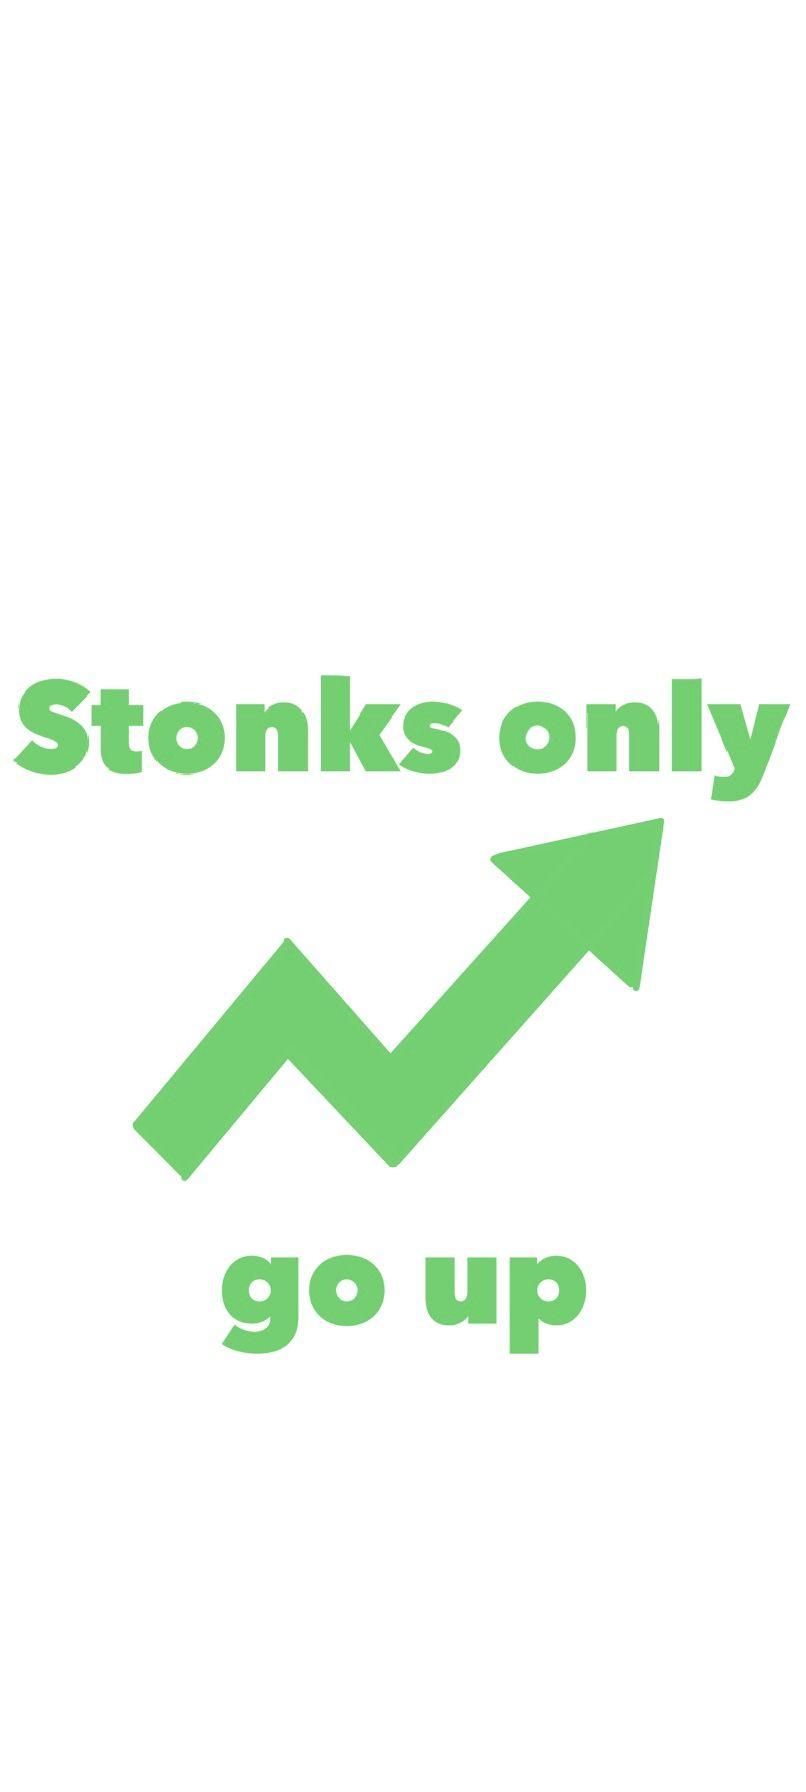 Stonks Meme Investing Wallpaper In 2020 Investing Memes Stock Market